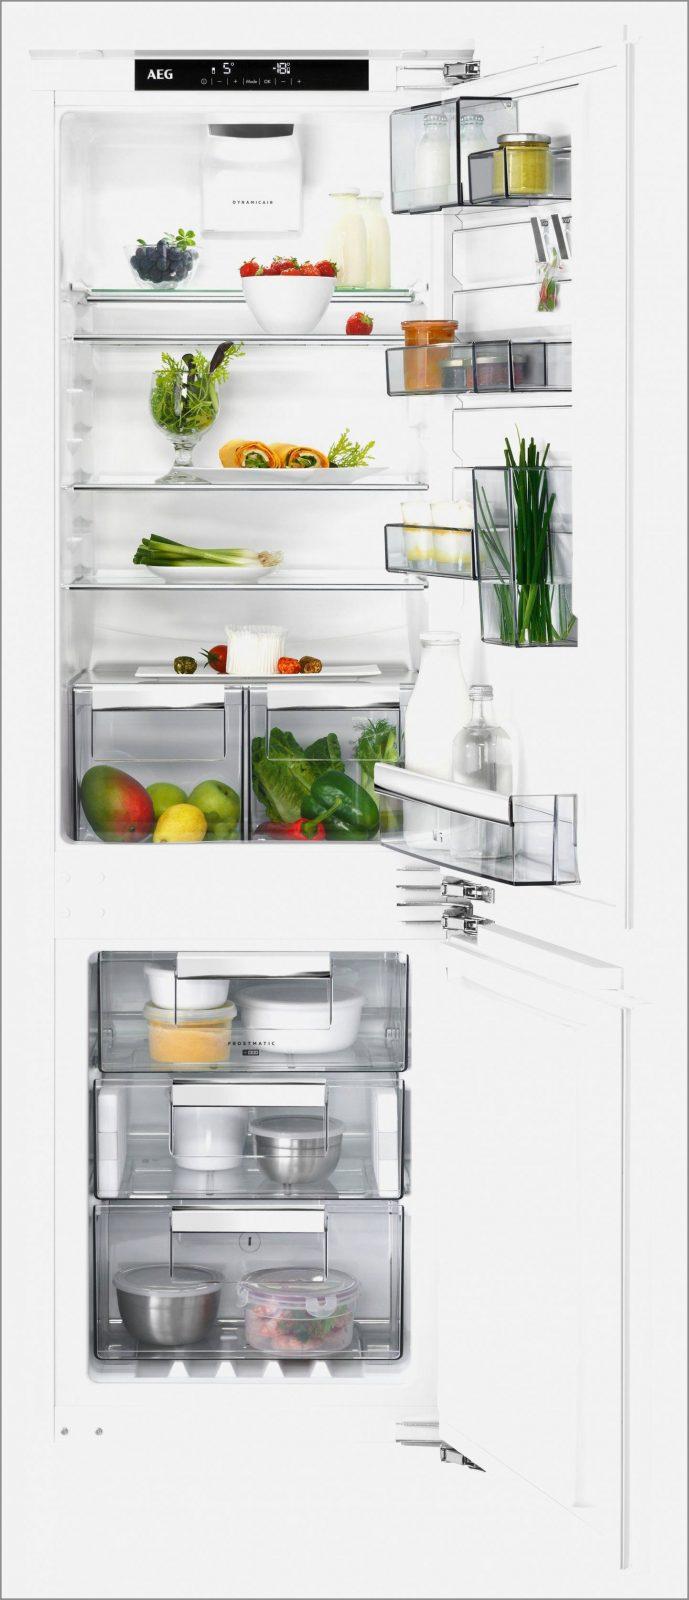 Großzügig Liebherr Kühlschrank Gebraucht Ideen  Hauptinnenideen von Kühlschrank Mit Gefrierfach Gebraucht Bild